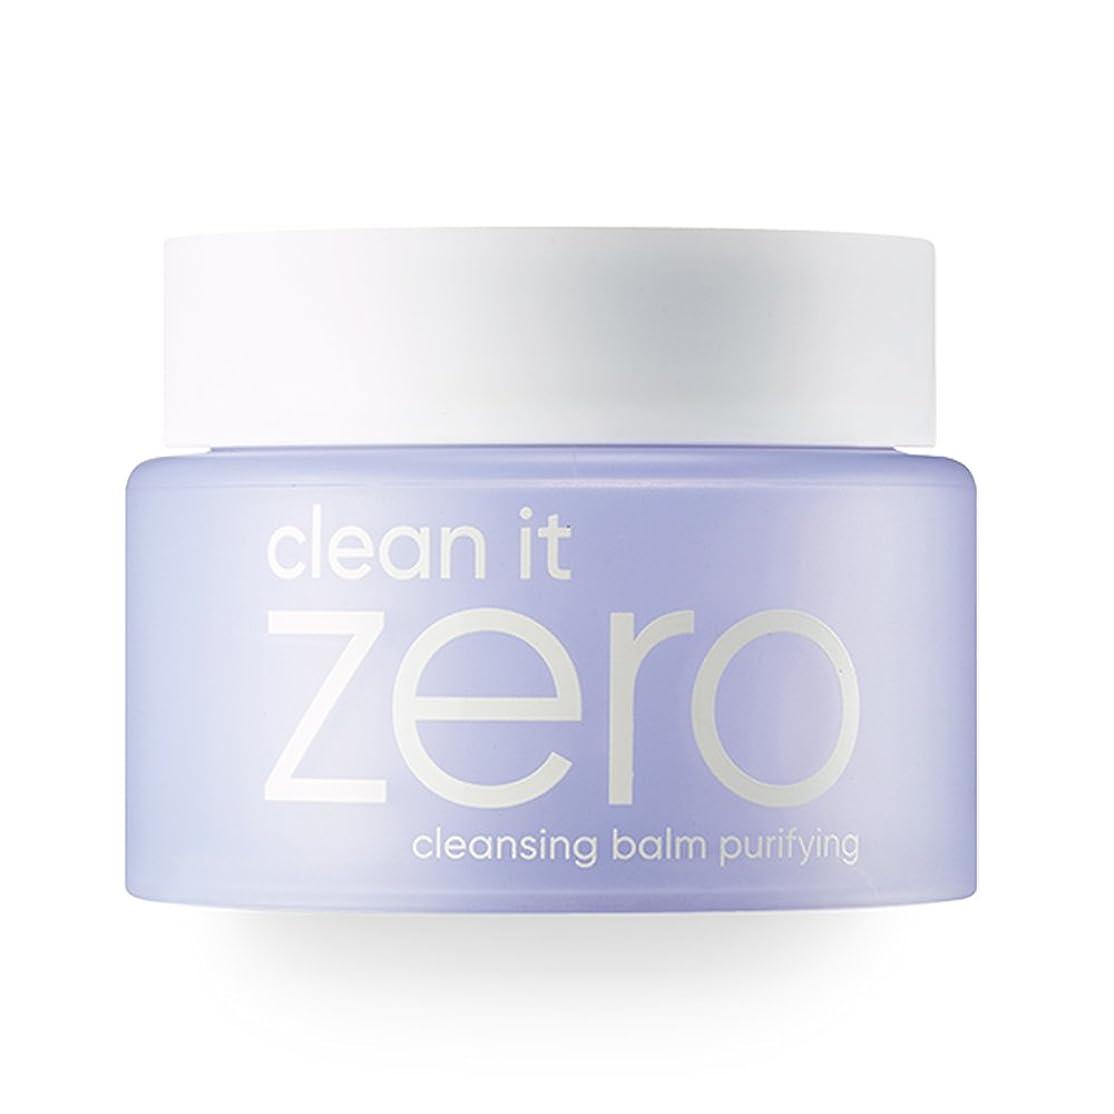 可能不適追うBANILA CO(バニラコ) クリーン イット ゼロ クレンジング バーム ピュリファイング Clean It Zero Purifying